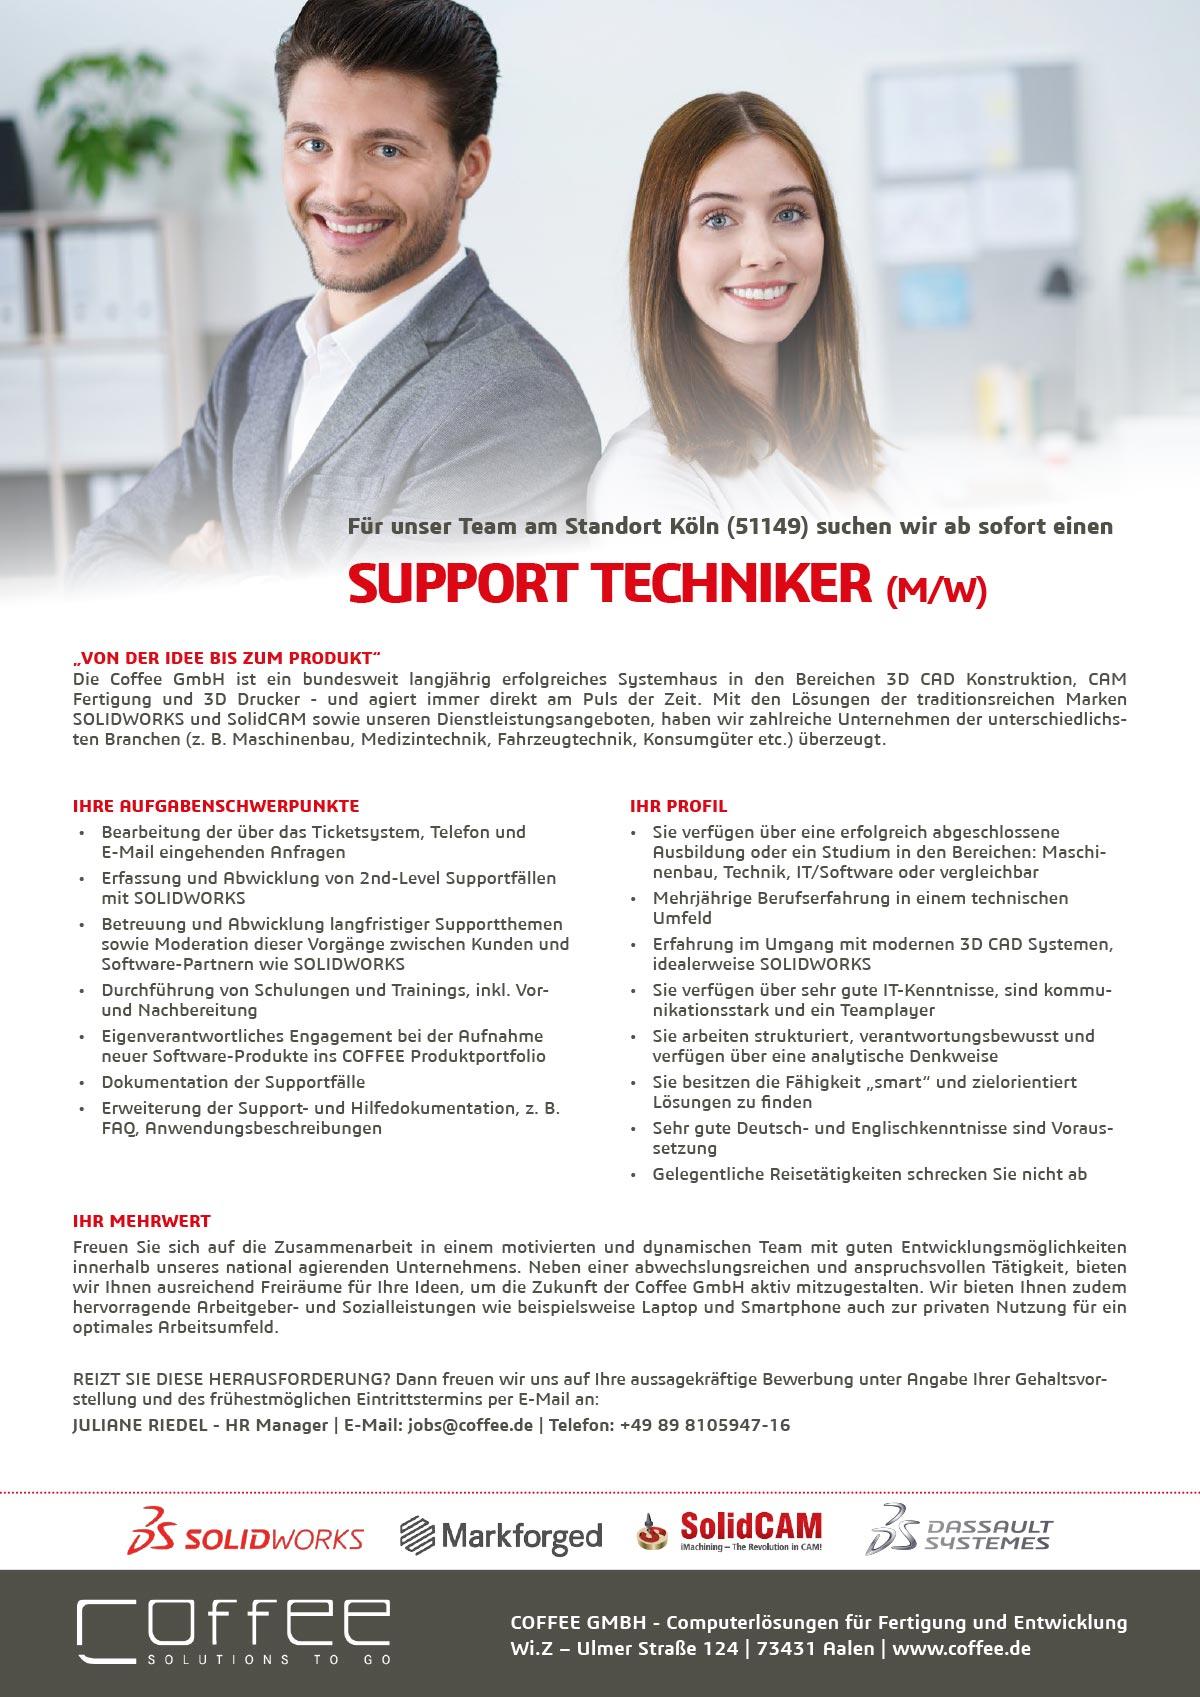 Stellenanzeige_Support-Techniker_0716_Koeln